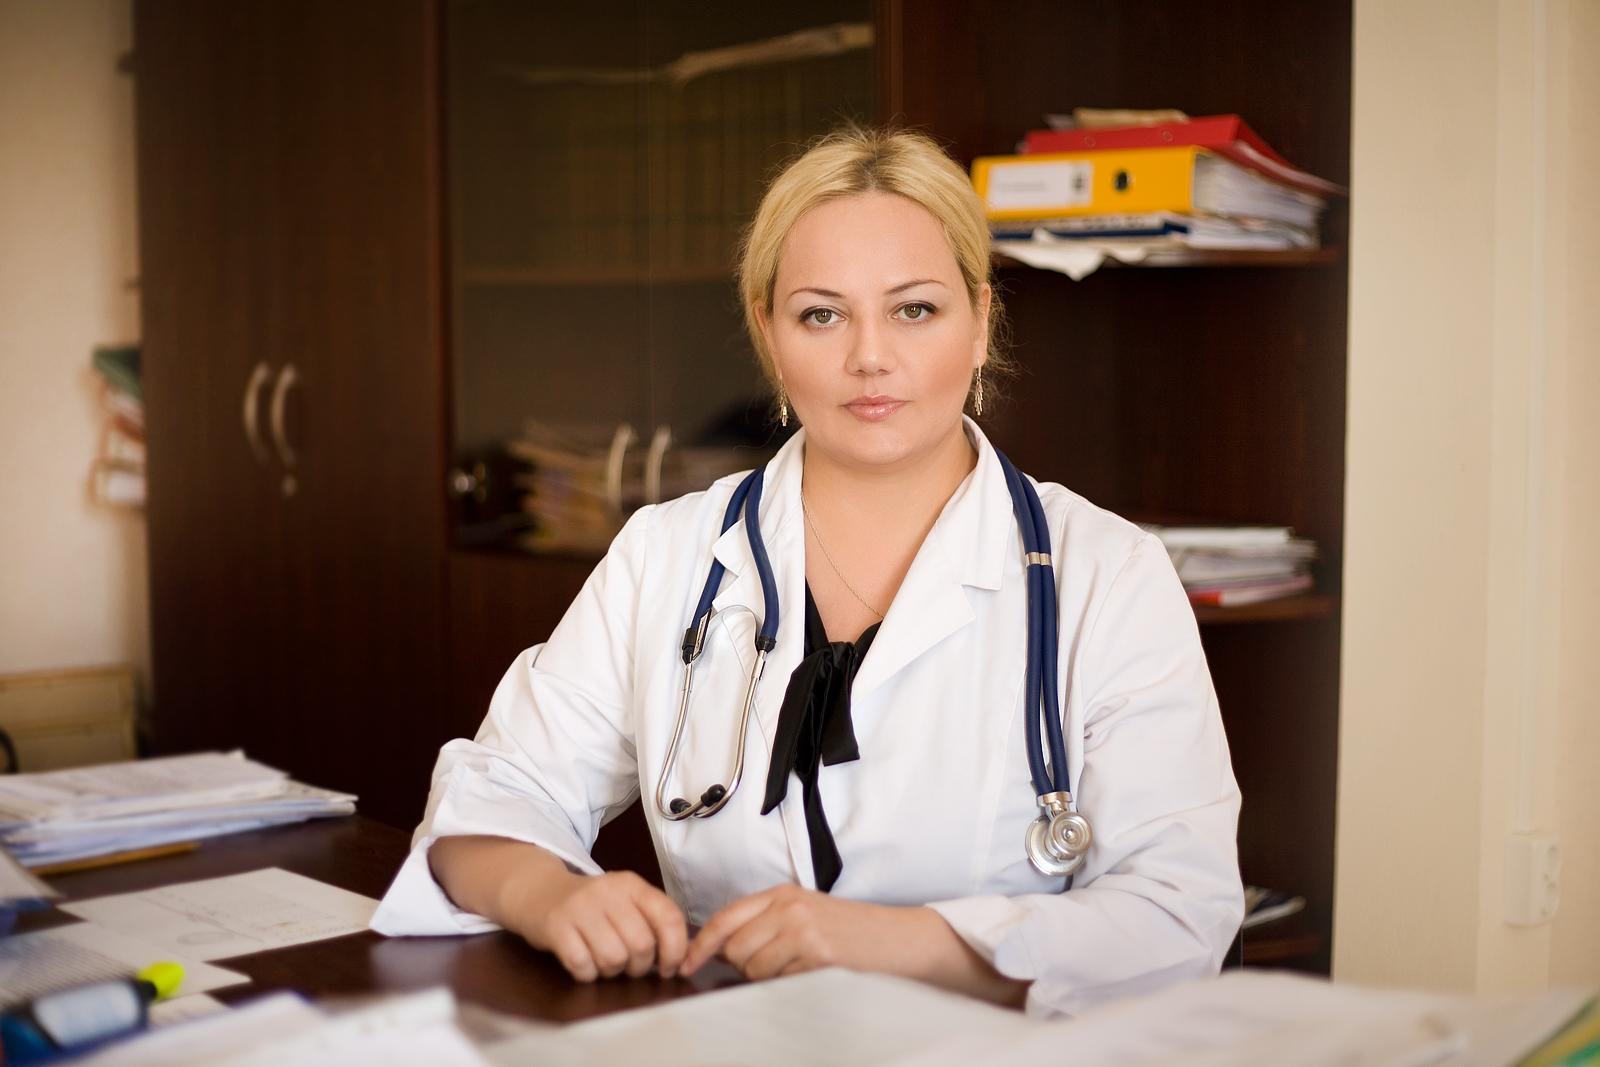 Картинки красивых докторов женщин